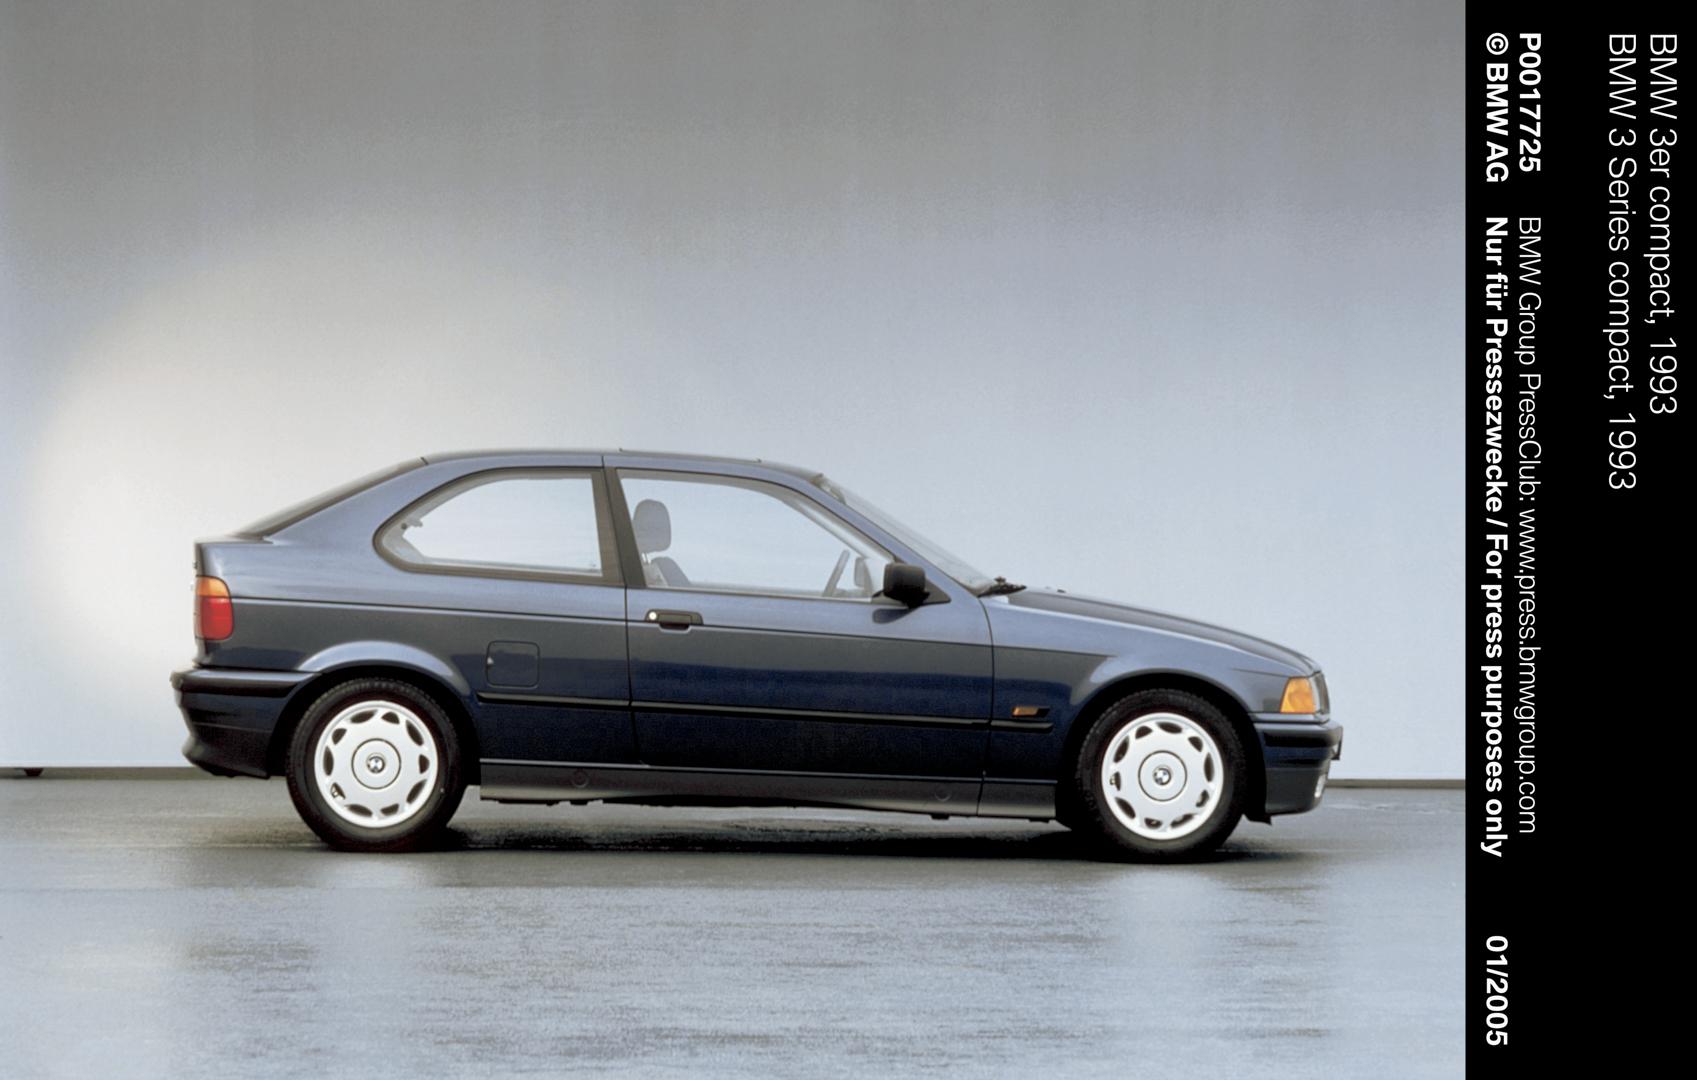 E36 BMW 3 Series Compact 2